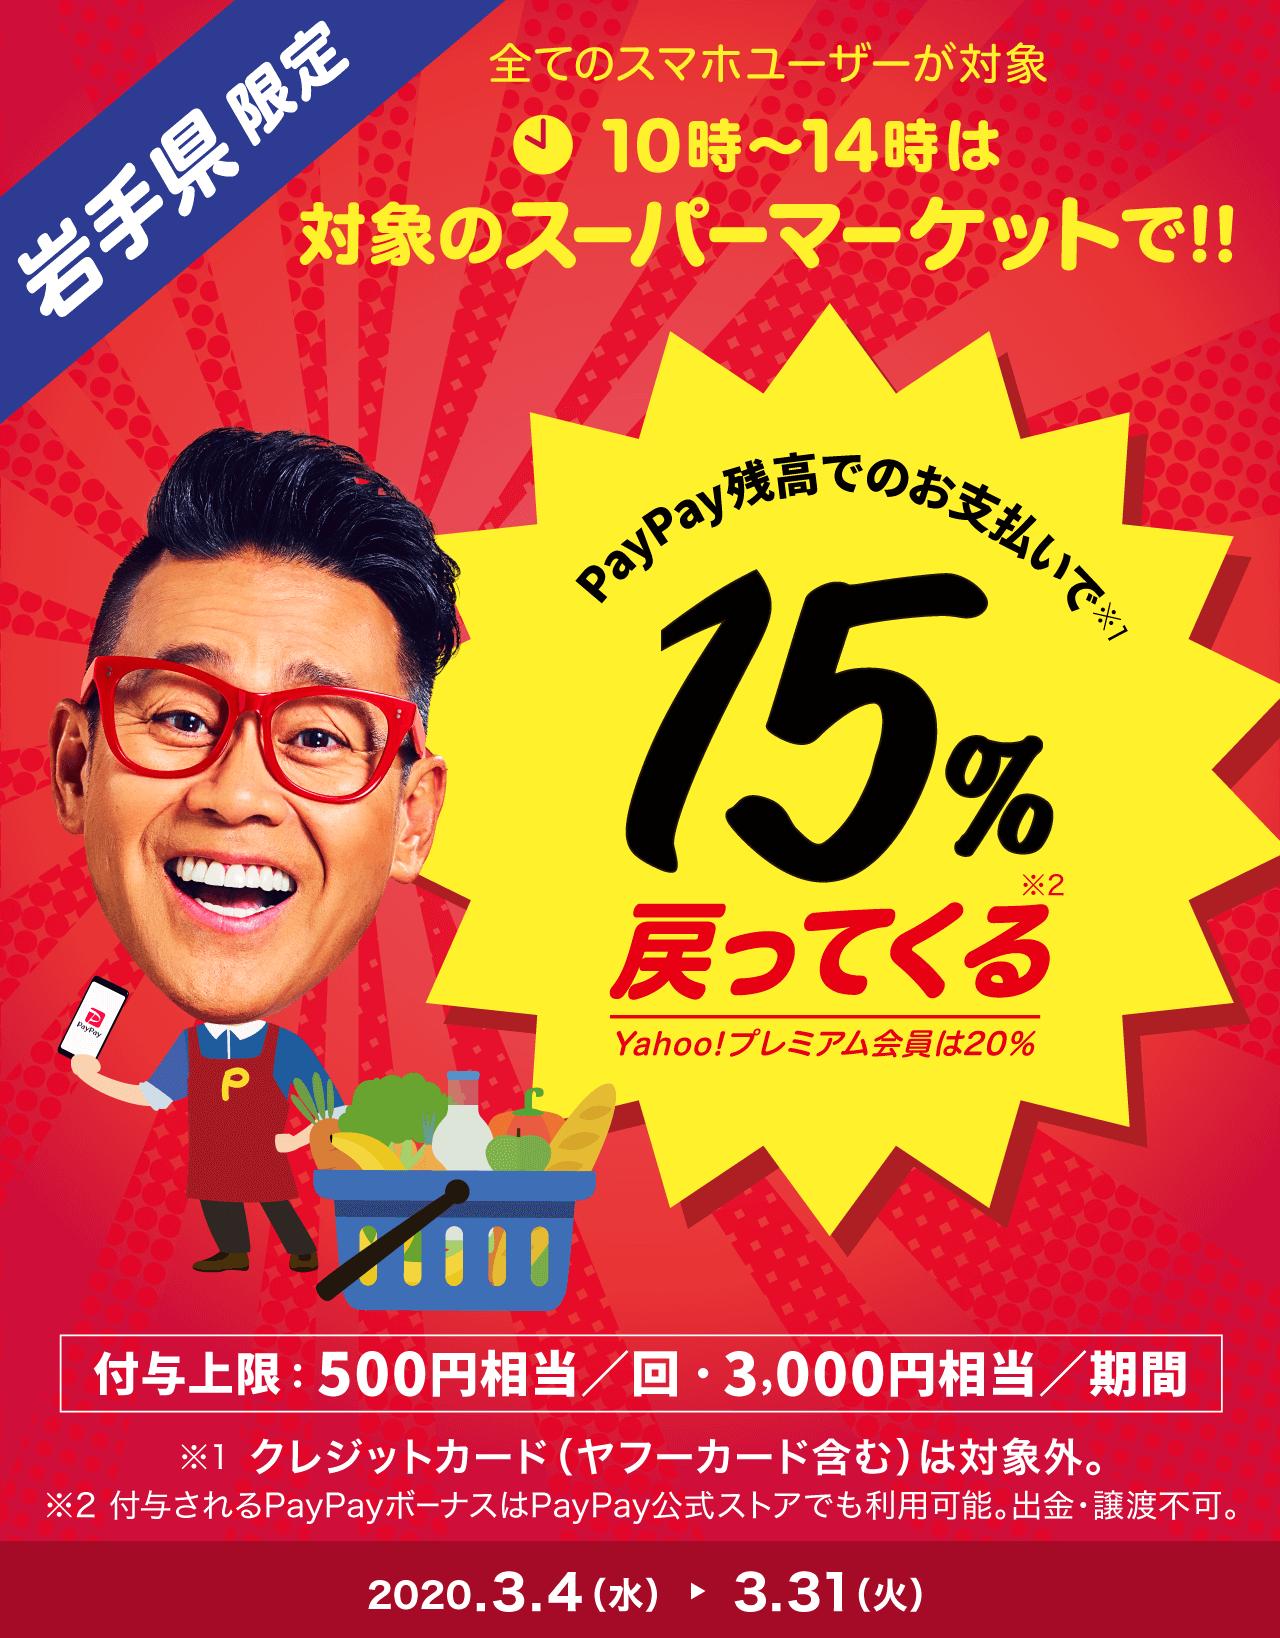 岩手県限定 全てのスマホユーザーが対象 10時〜14時は対象のスーパーマーケットで!! PayPay残高でのお支払いで15%戻ってくる